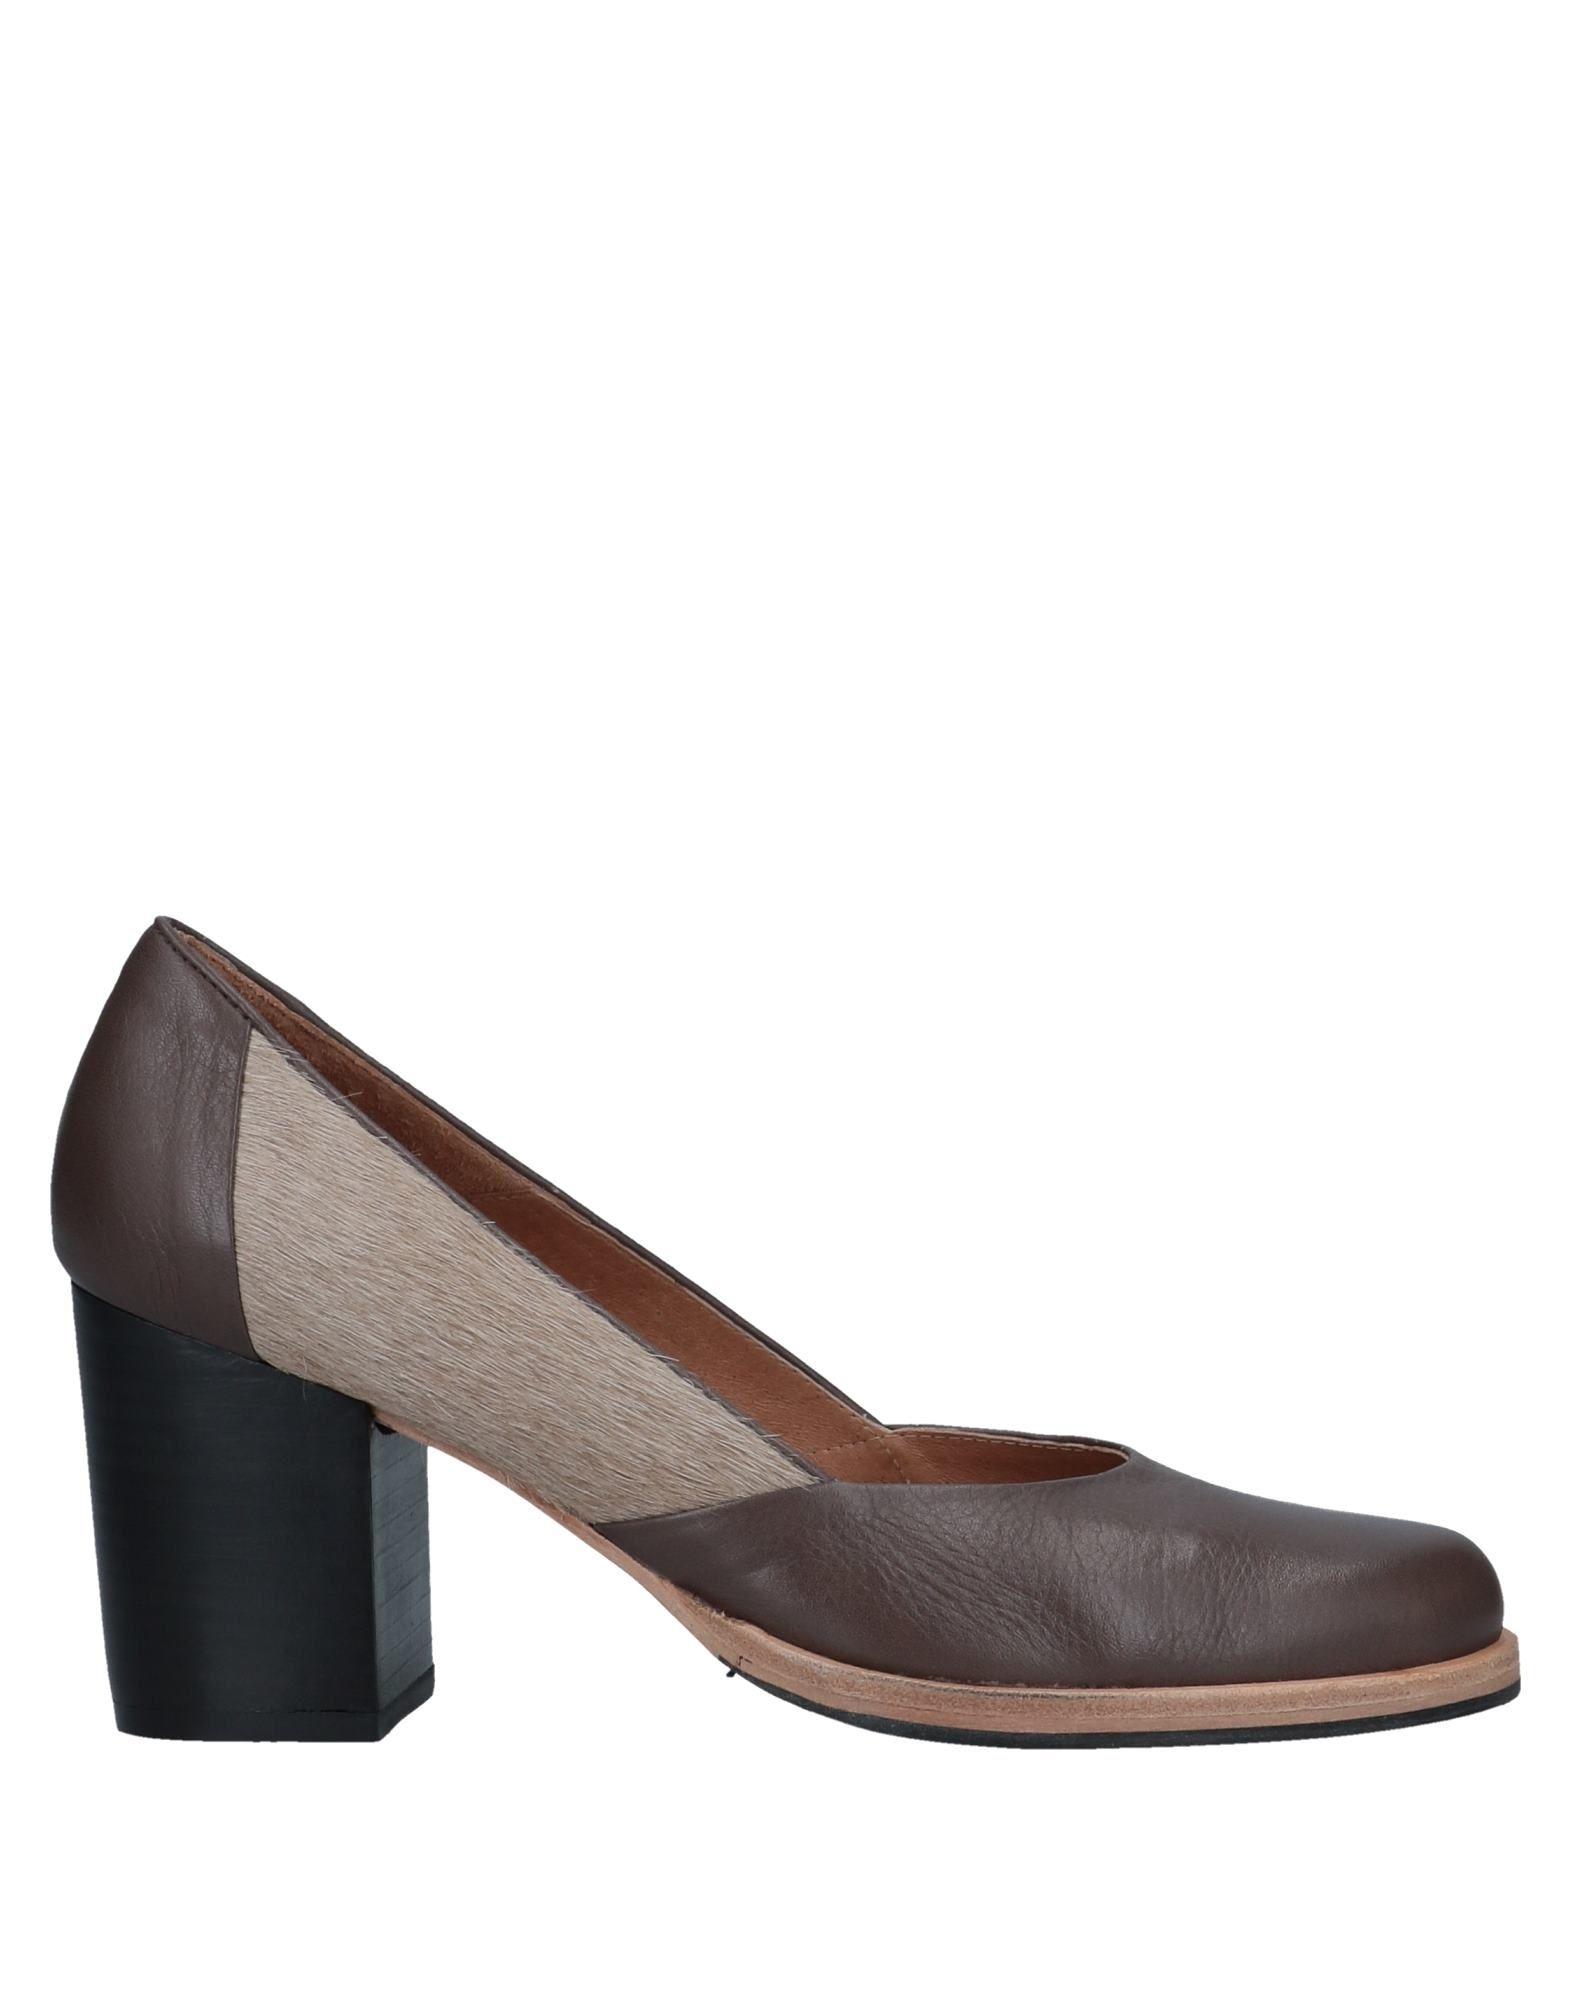 Escarpins Anaid Kupuri Femme - Escarpins Anaid Kupuri Marron Dernières chaussures discount pour hommes et femmes